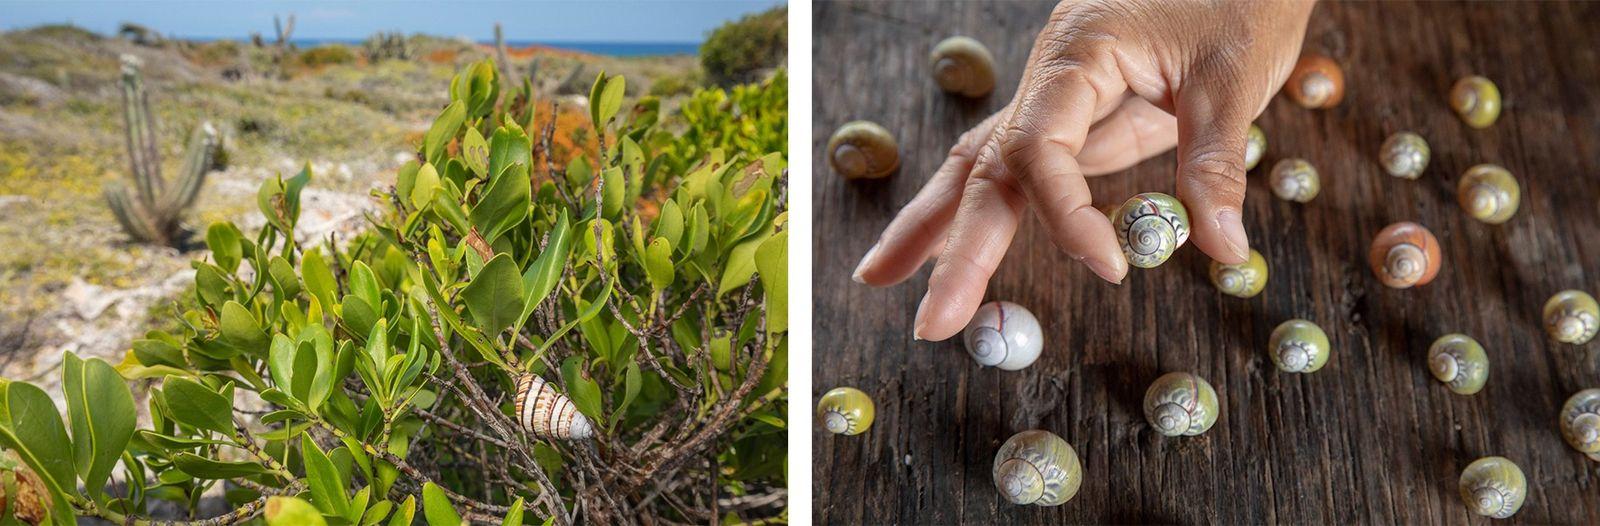 Esquerda: O fotógrafo Bruno D'Amicis e a bióloga Norvis Hernandez demoraram um dia inteiro para encontrar ...